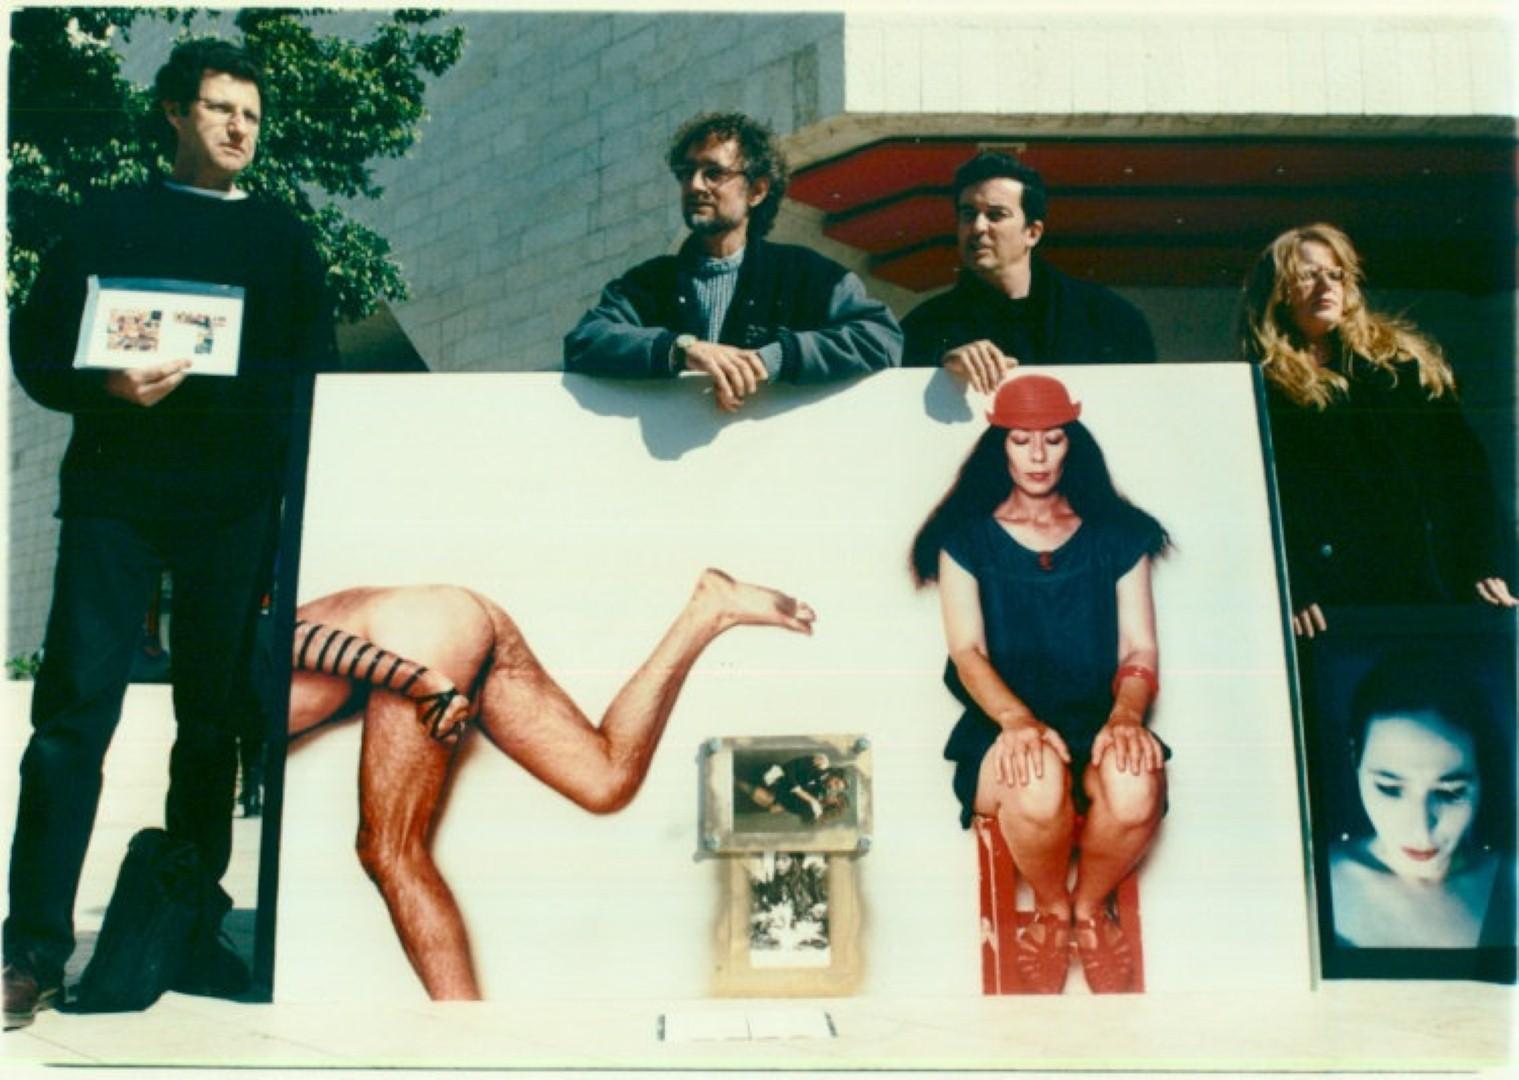 """במרכז: התמונה """"דיוקן יונה וולך"""" בה צילם קירשנר את וולך בהשראת שירה """"תפילין"""" (צילום: אורן אגמון)"""